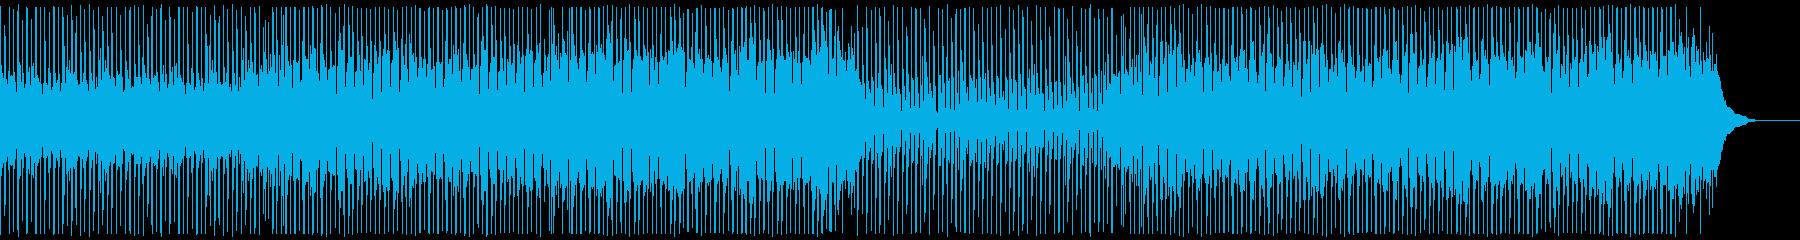 楽しい音楽の再生済みの波形